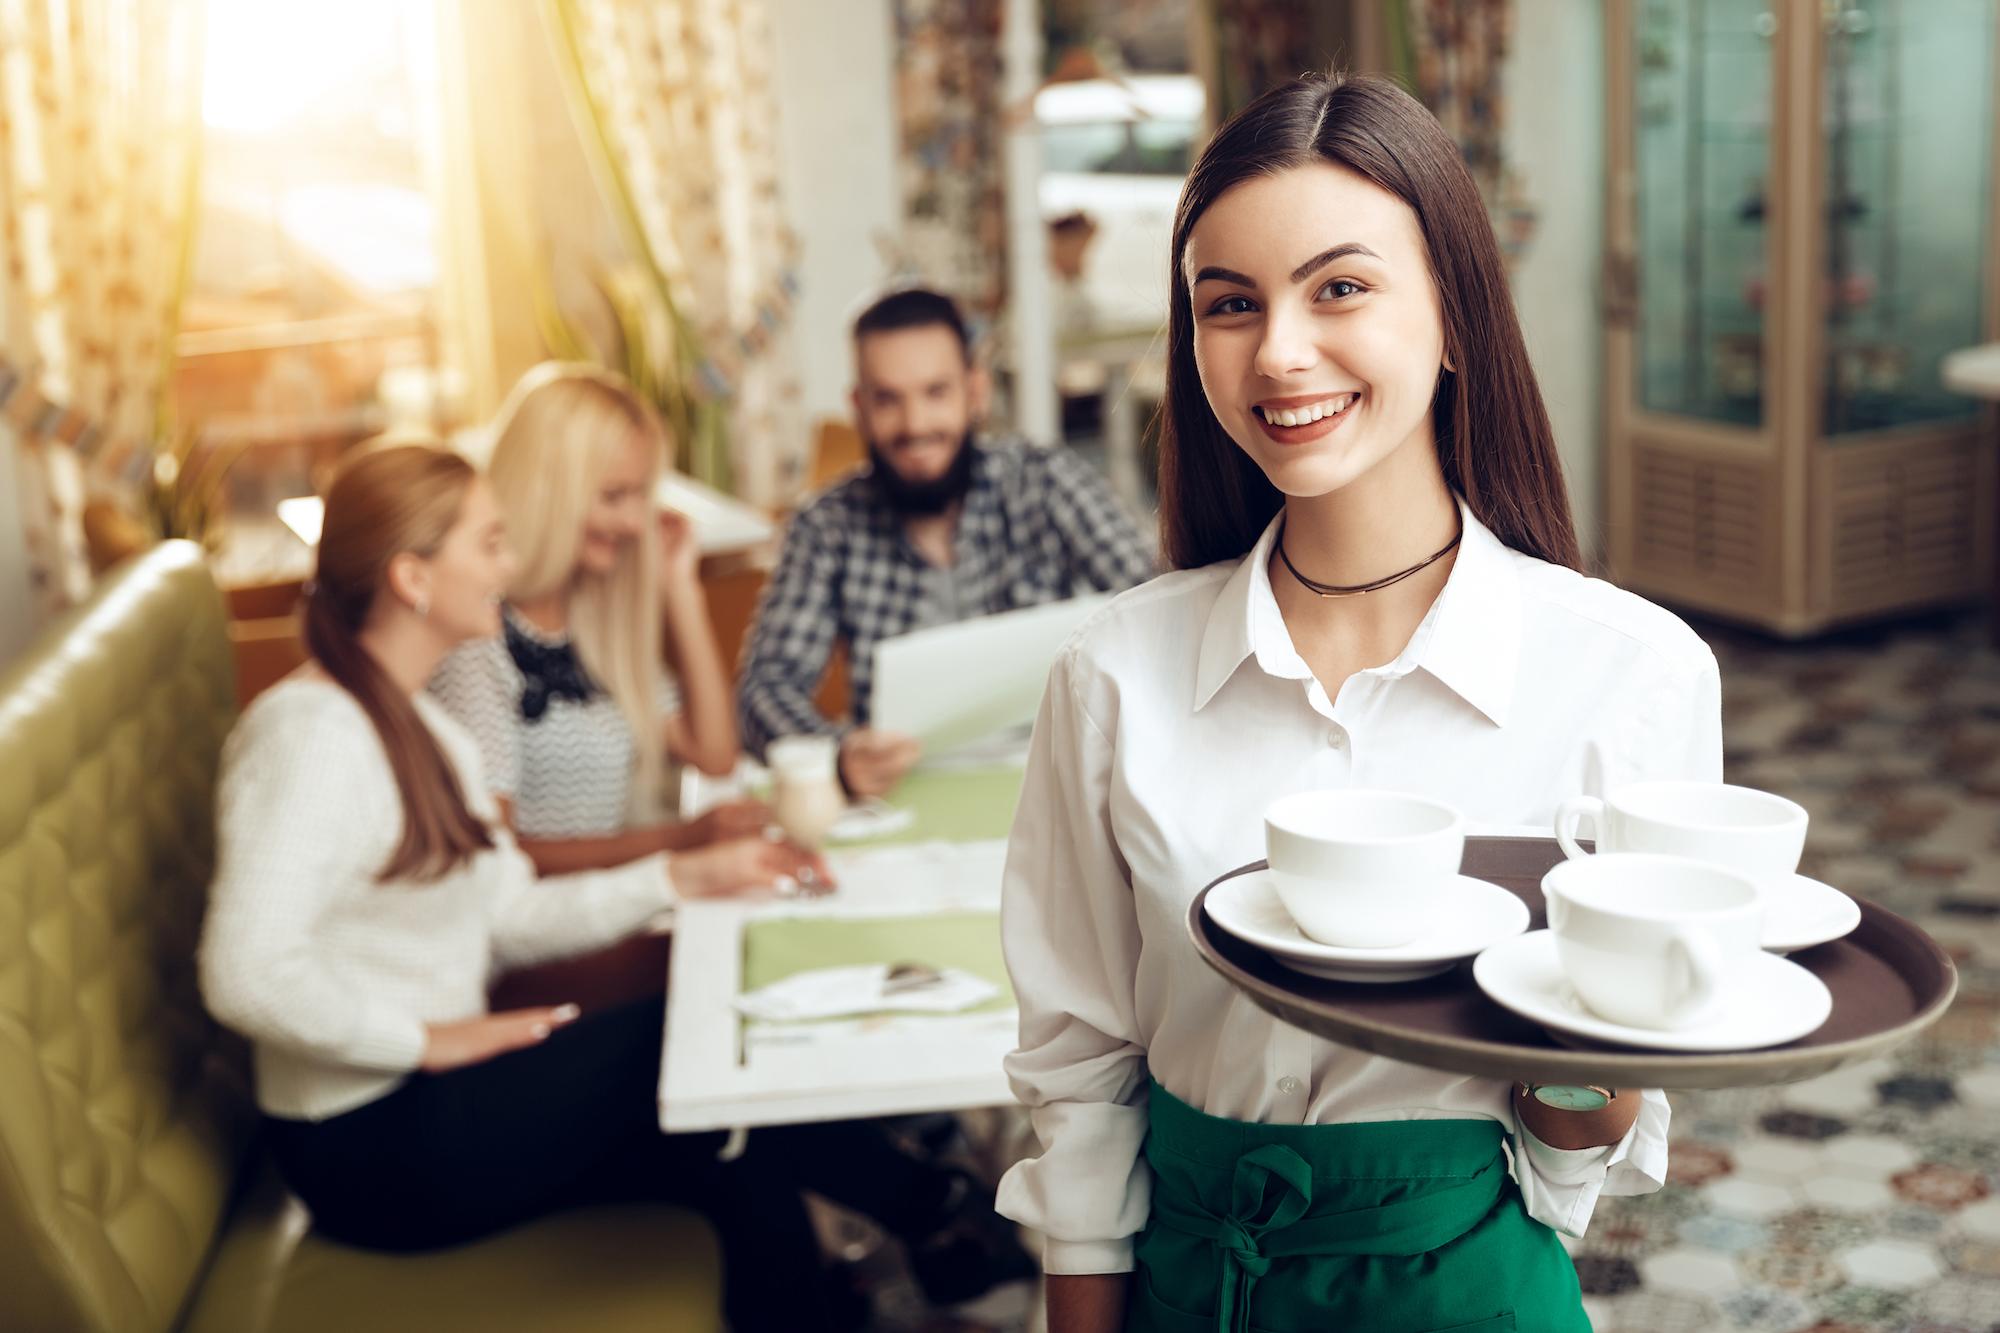 W zdecydowanie gorszej sytuacji znalazły się pracujące w gastronomii kobiety (fot. Shutterstock)